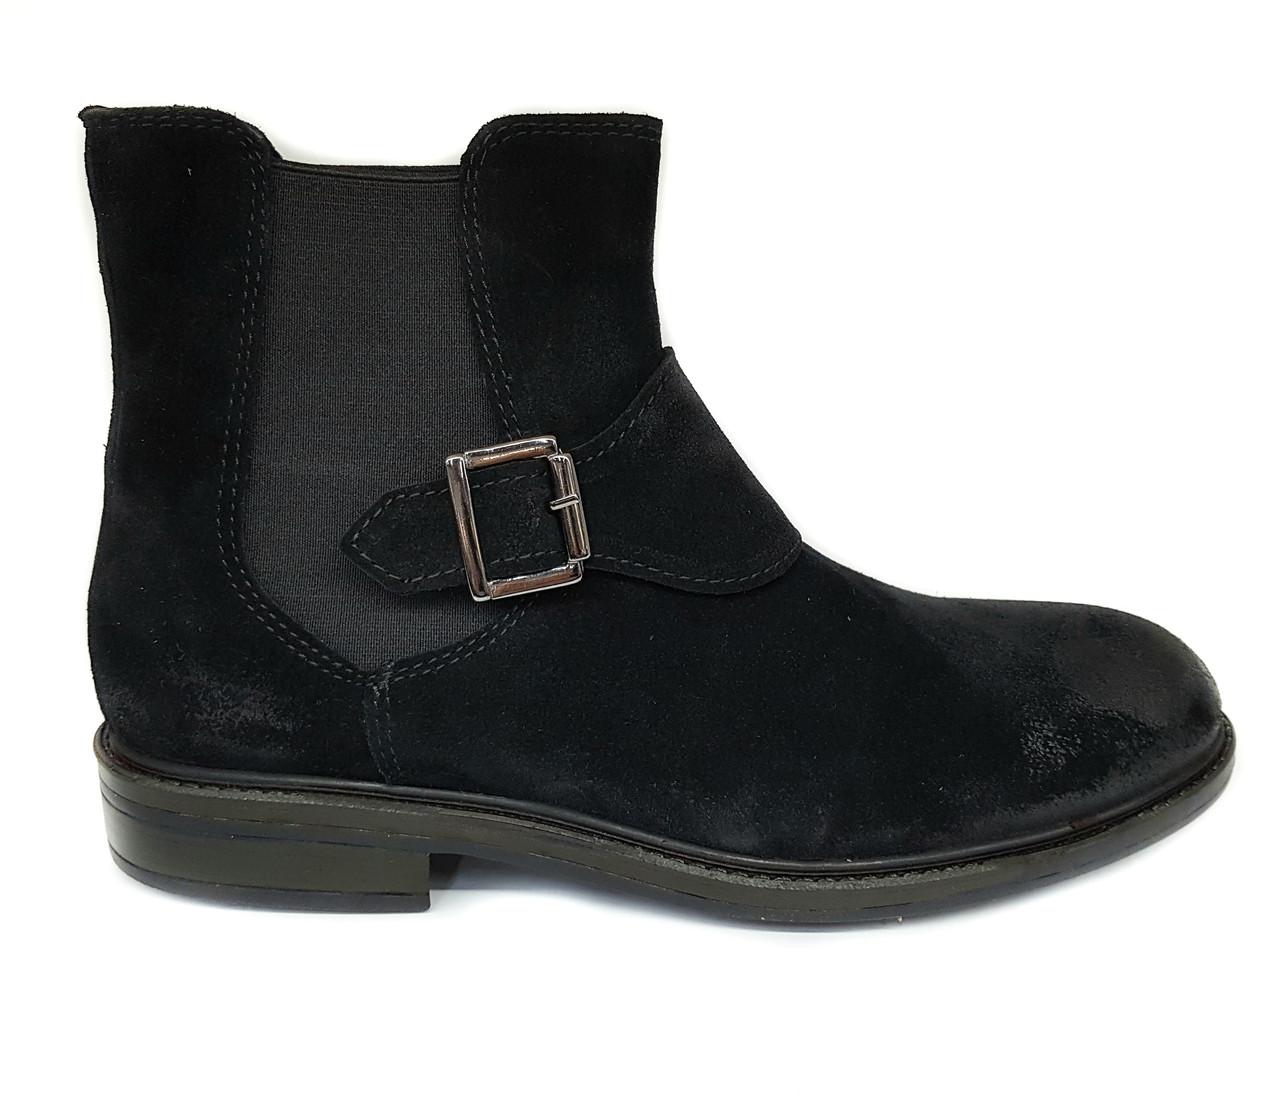 Замшевые мужские ботинки челси Luciano Bellini черные на байке